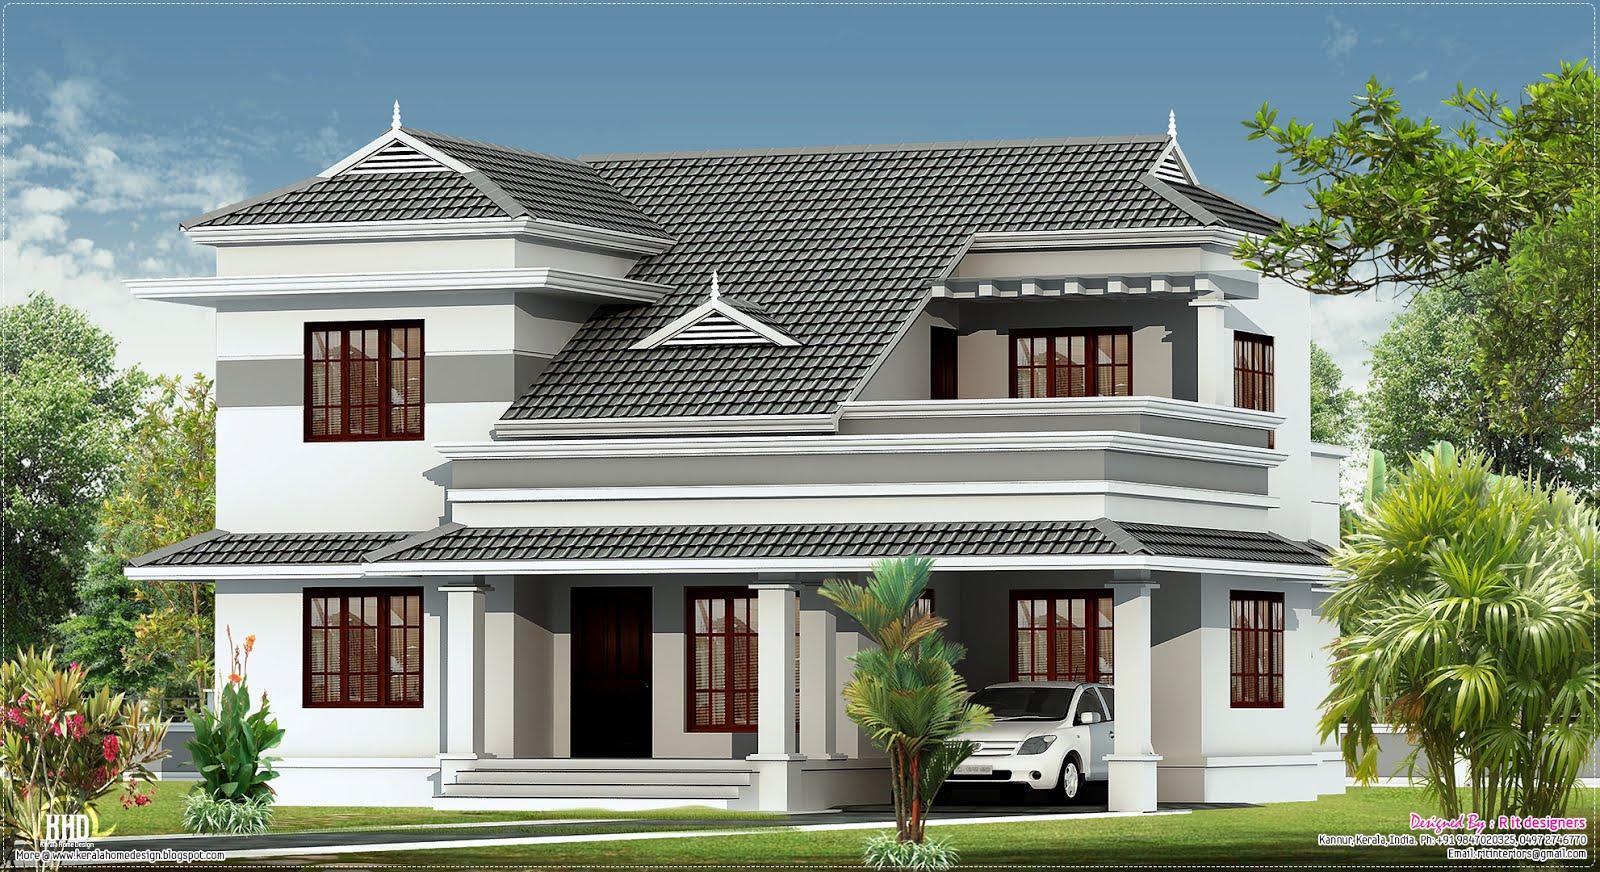 New Villa Design In 2250 Sq Feet Kerala Home Design And